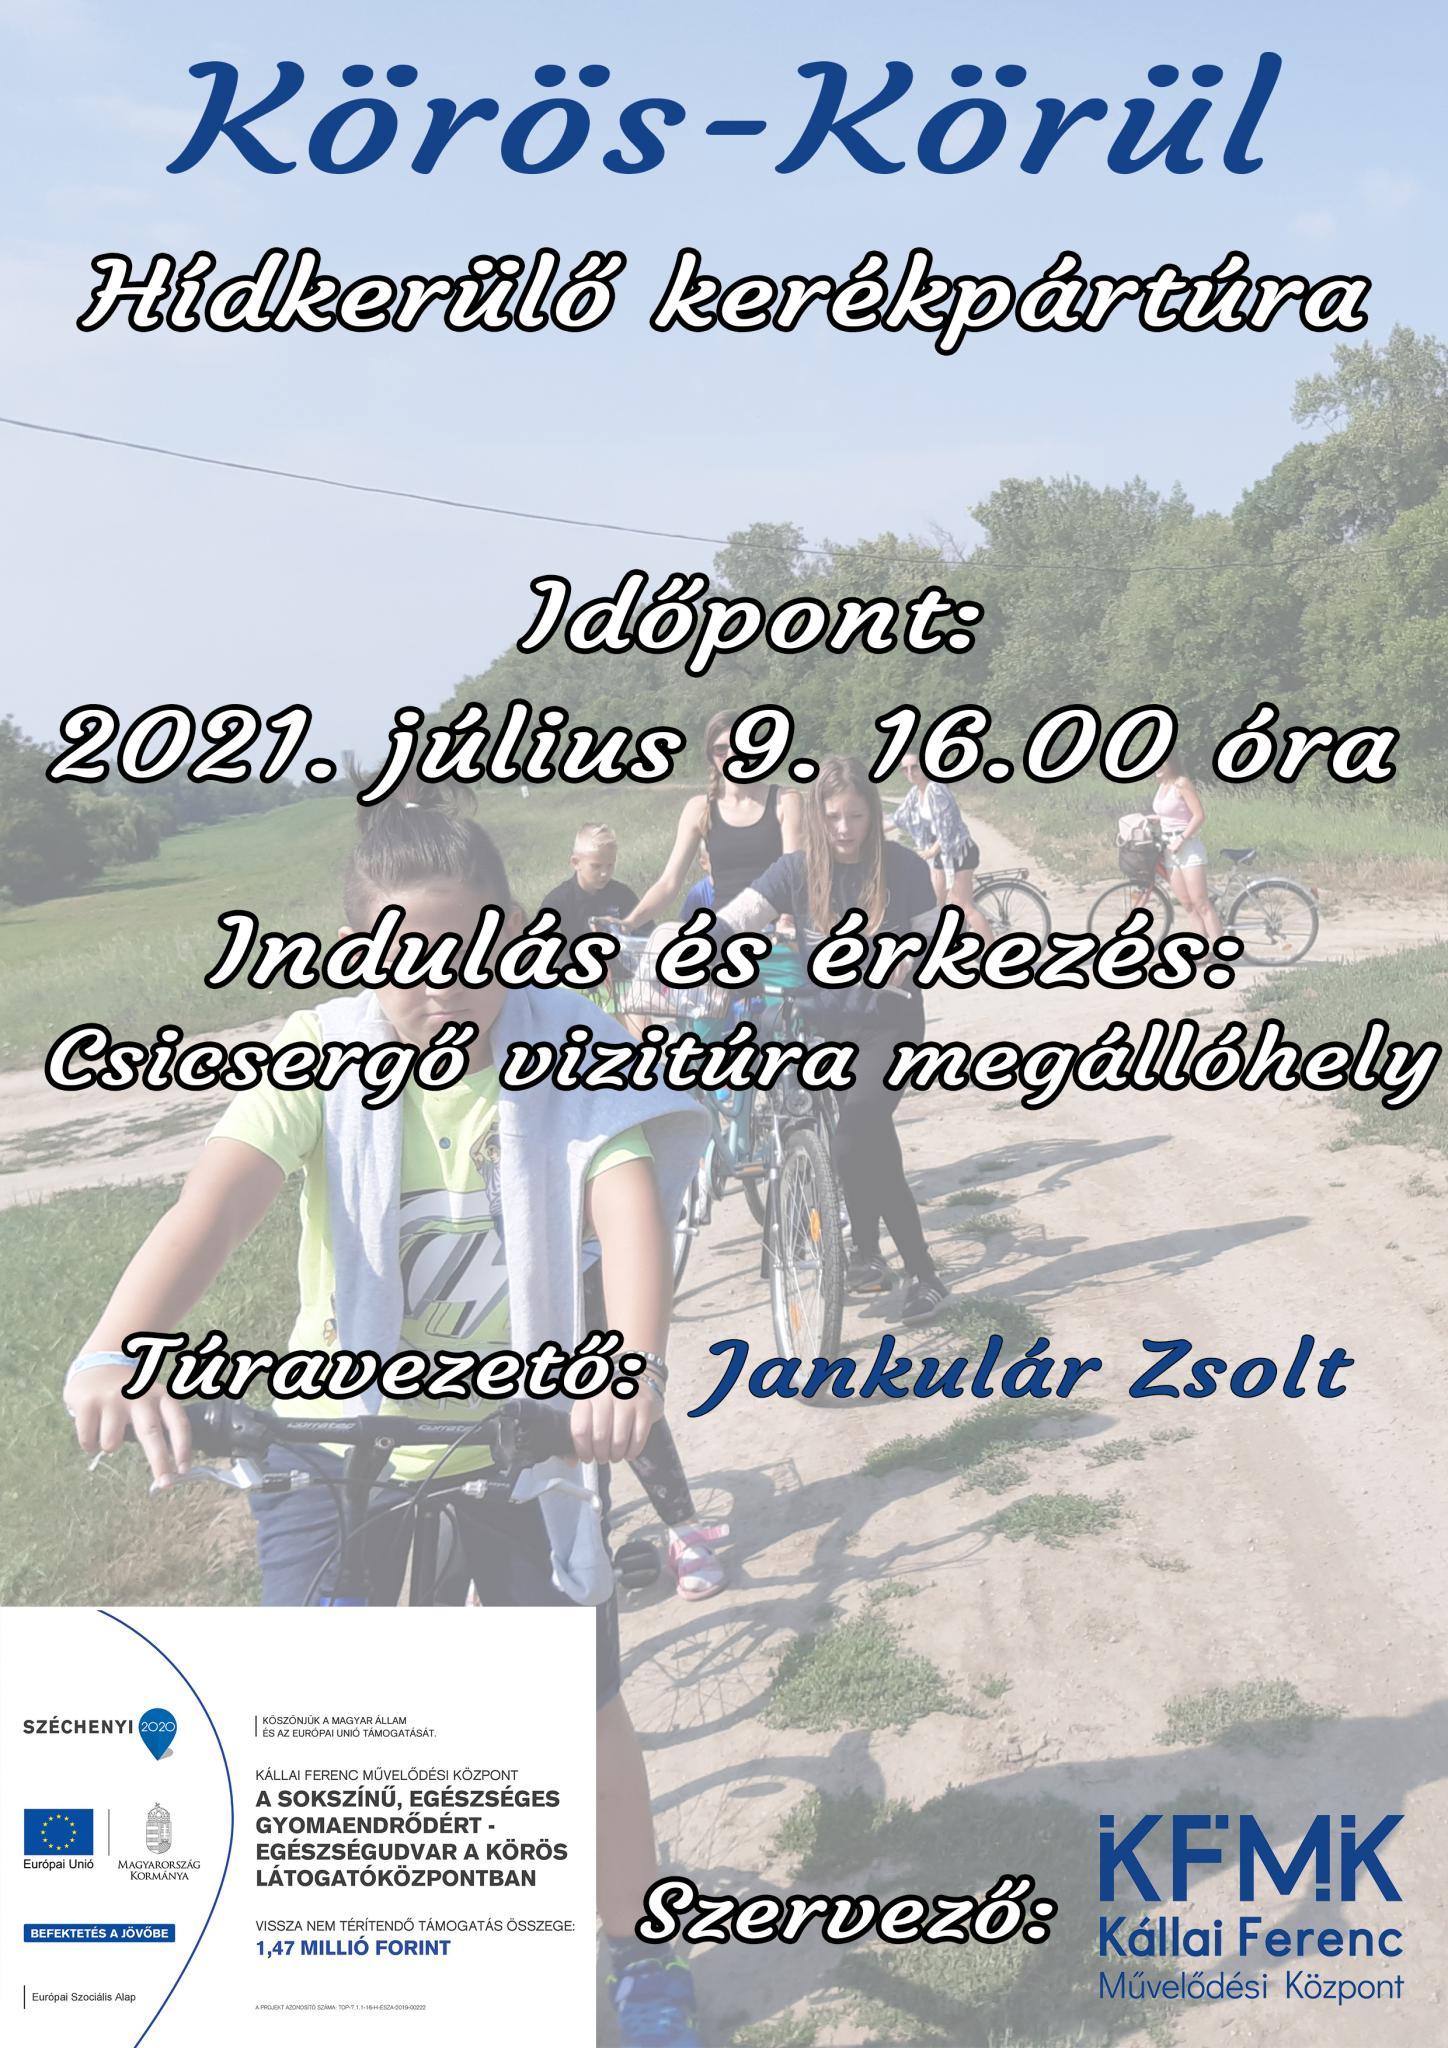 Körös-Körül Hídkerülő kerékpártúra